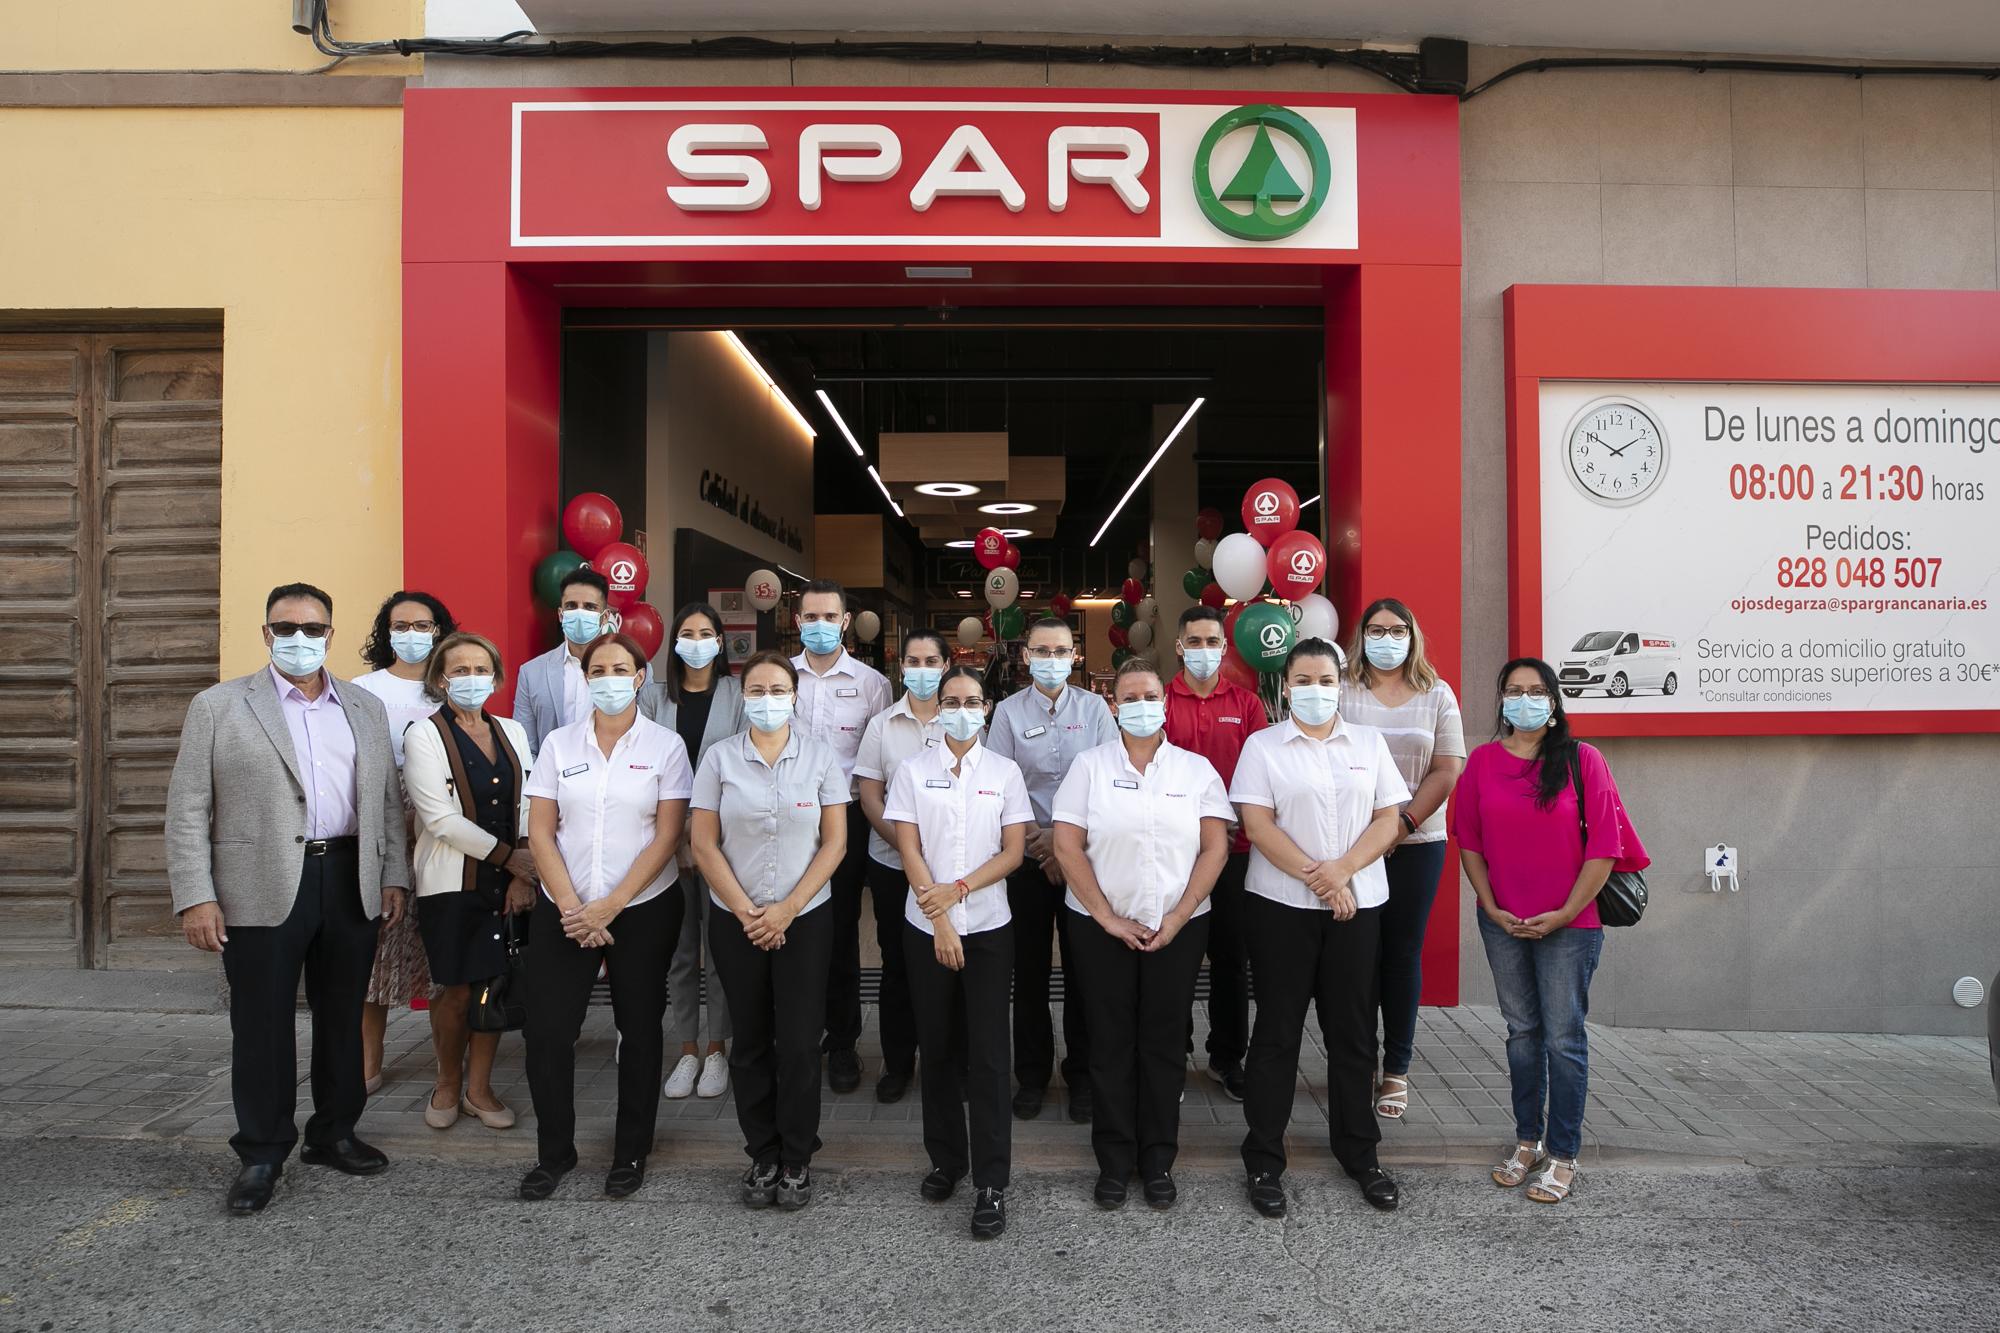 Spar en Ojos de Garza en Telde / CanariasNoticias.es